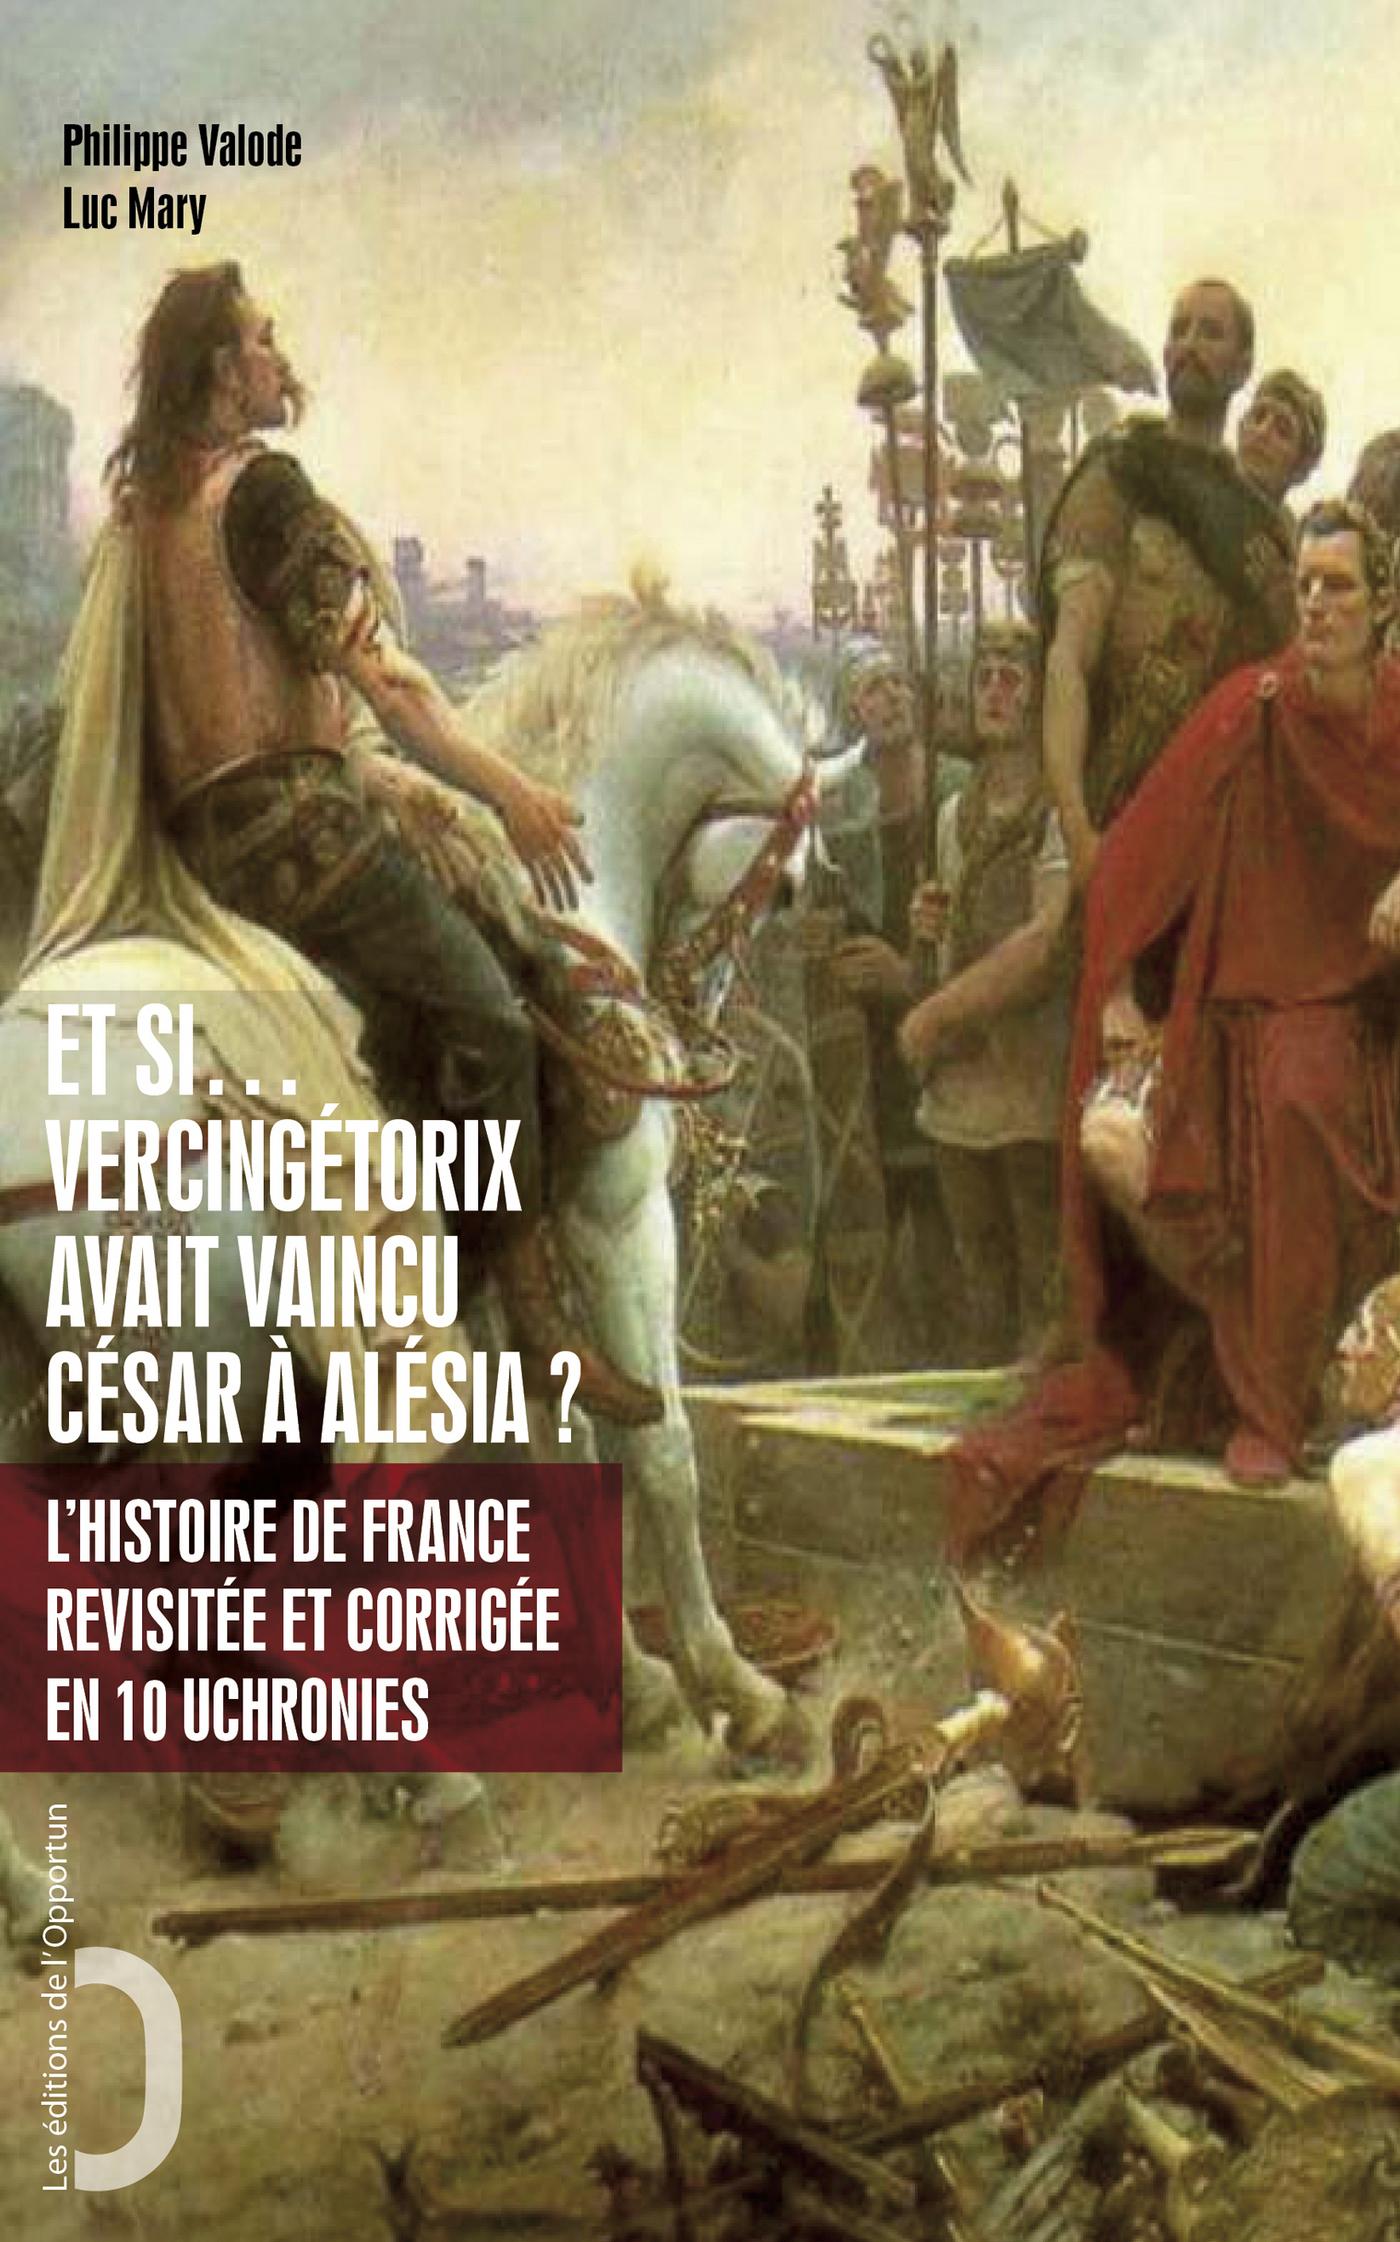 Et si... Vercingétorix avait vaincu César à Alésia ? L'histoire de France revue et corrigée en 10 uc